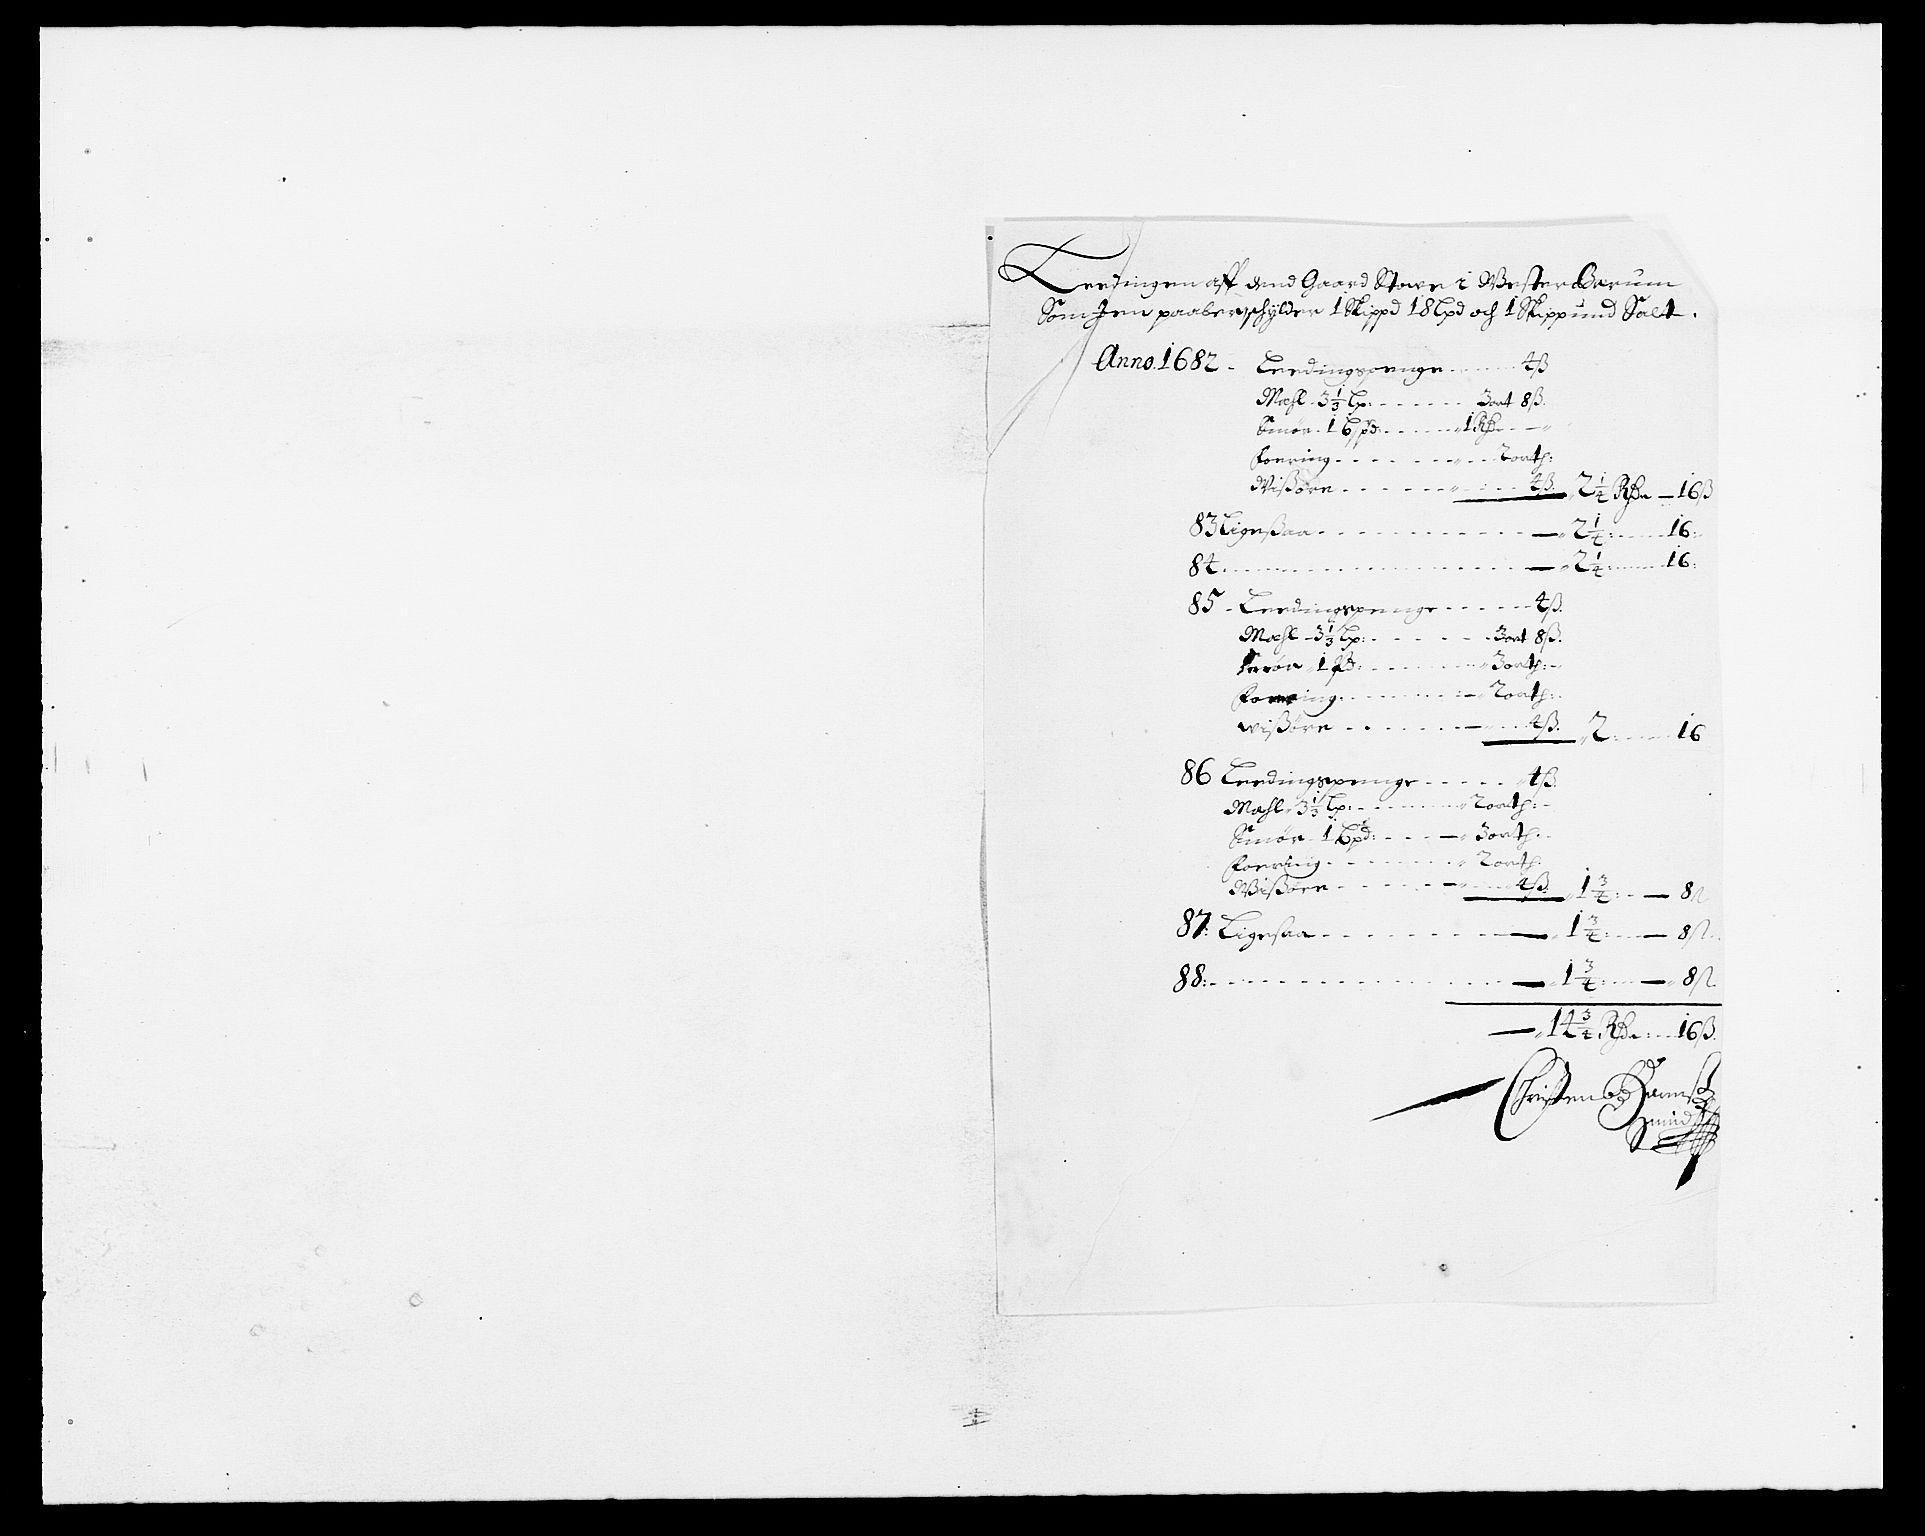 RA, Rentekammeret inntil 1814, Reviderte regnskaper, Fogderegnskap, R08/L0423: Fogderegnskap Aker, 1687-1689, s. 129